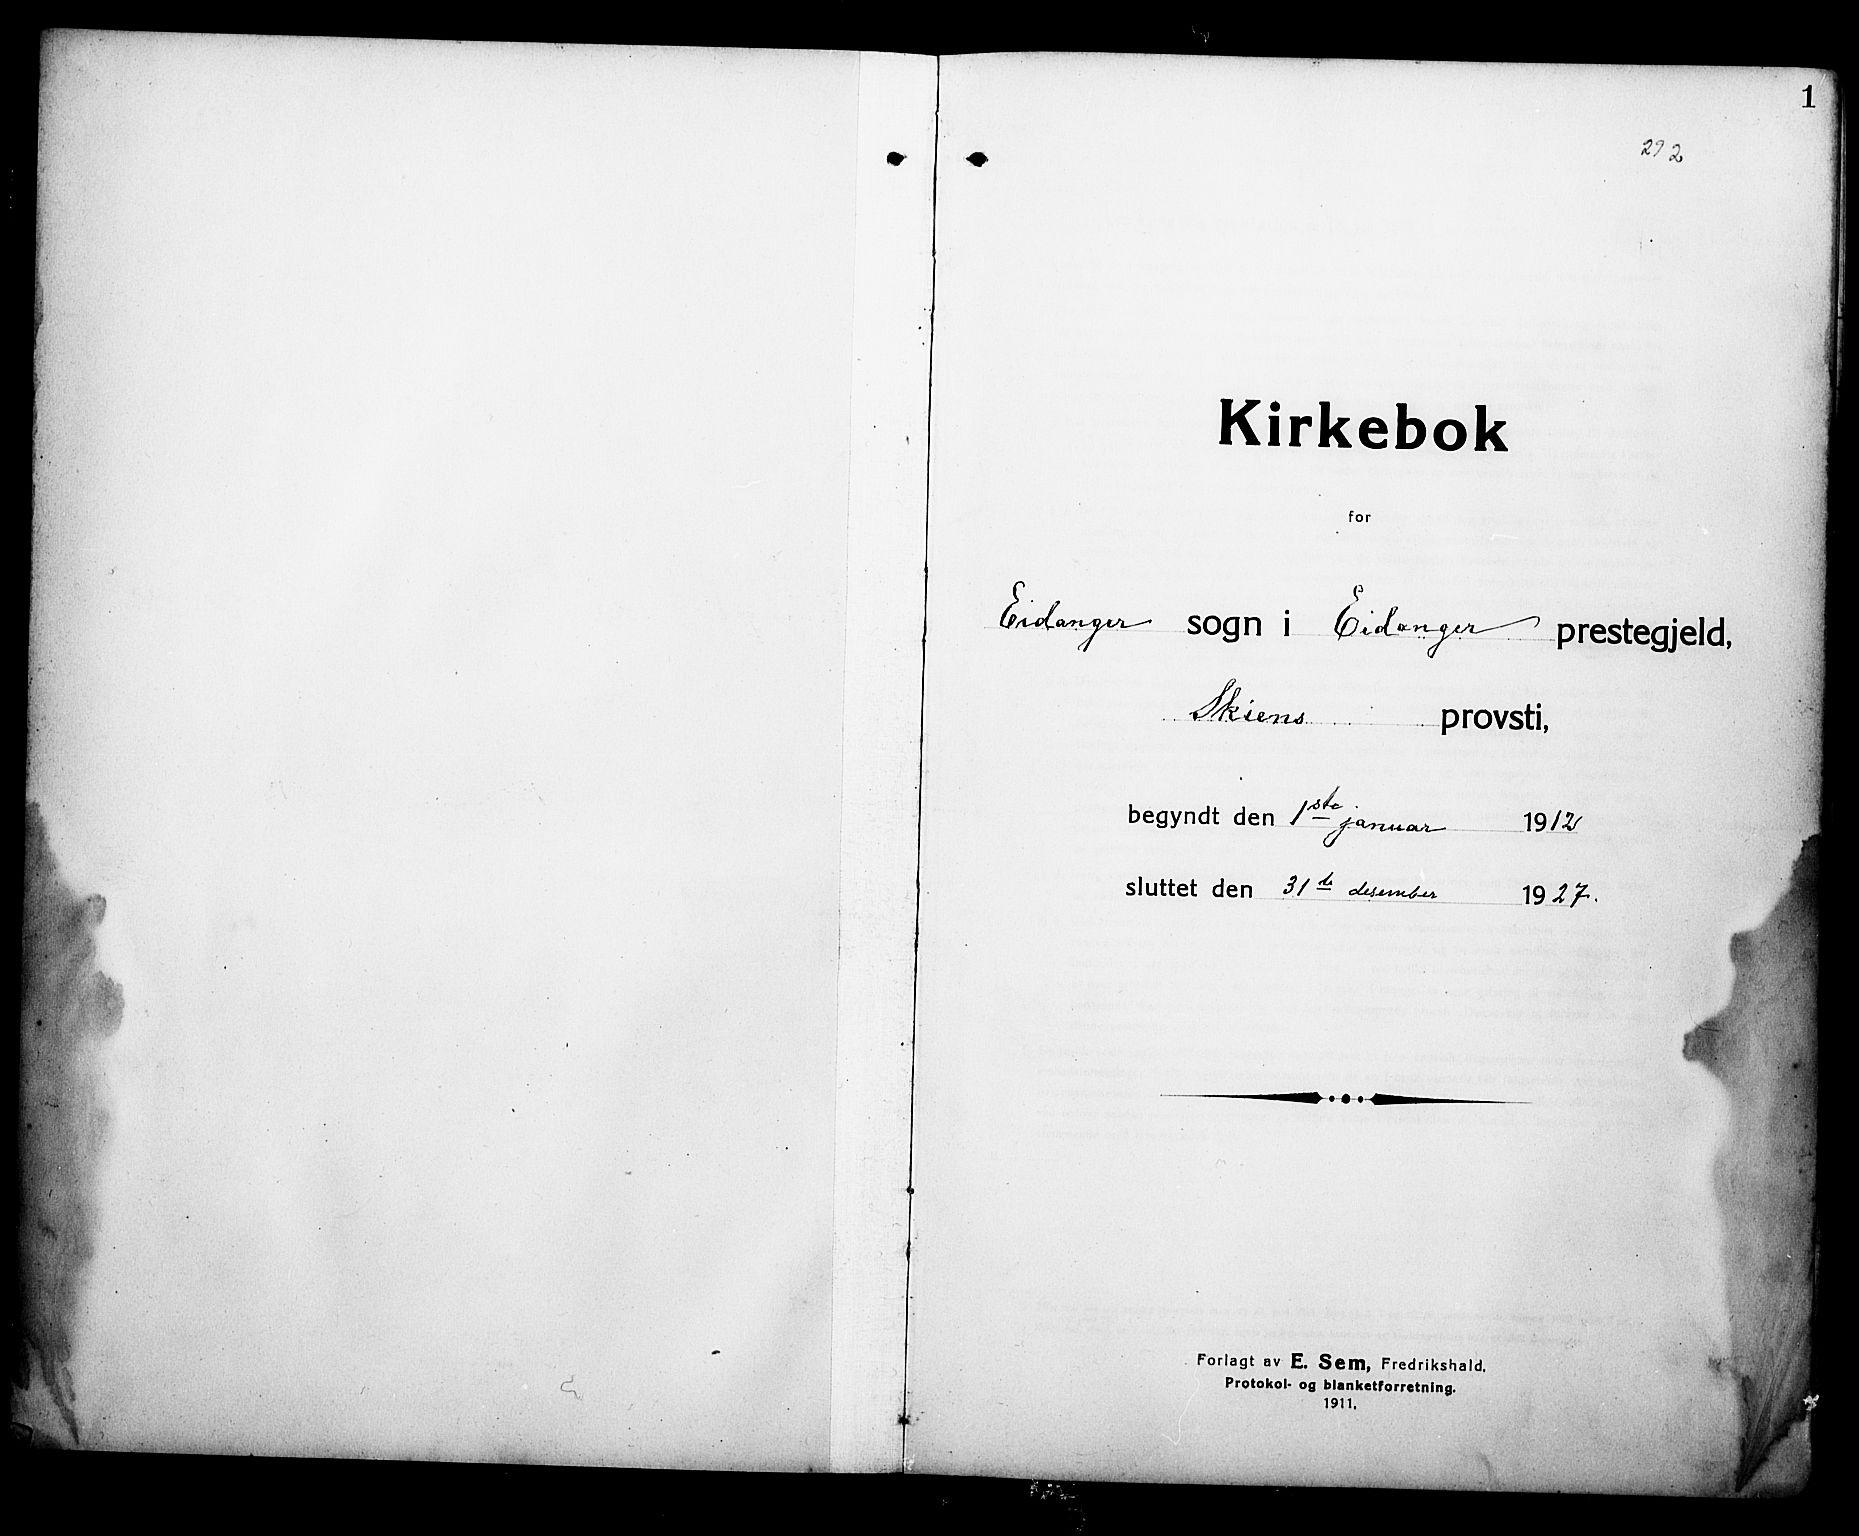 SAKO, Eidanger kirkebøker, G/Ga/L0004: Klokkerbok nr. 4, 1912-1927, s. 1